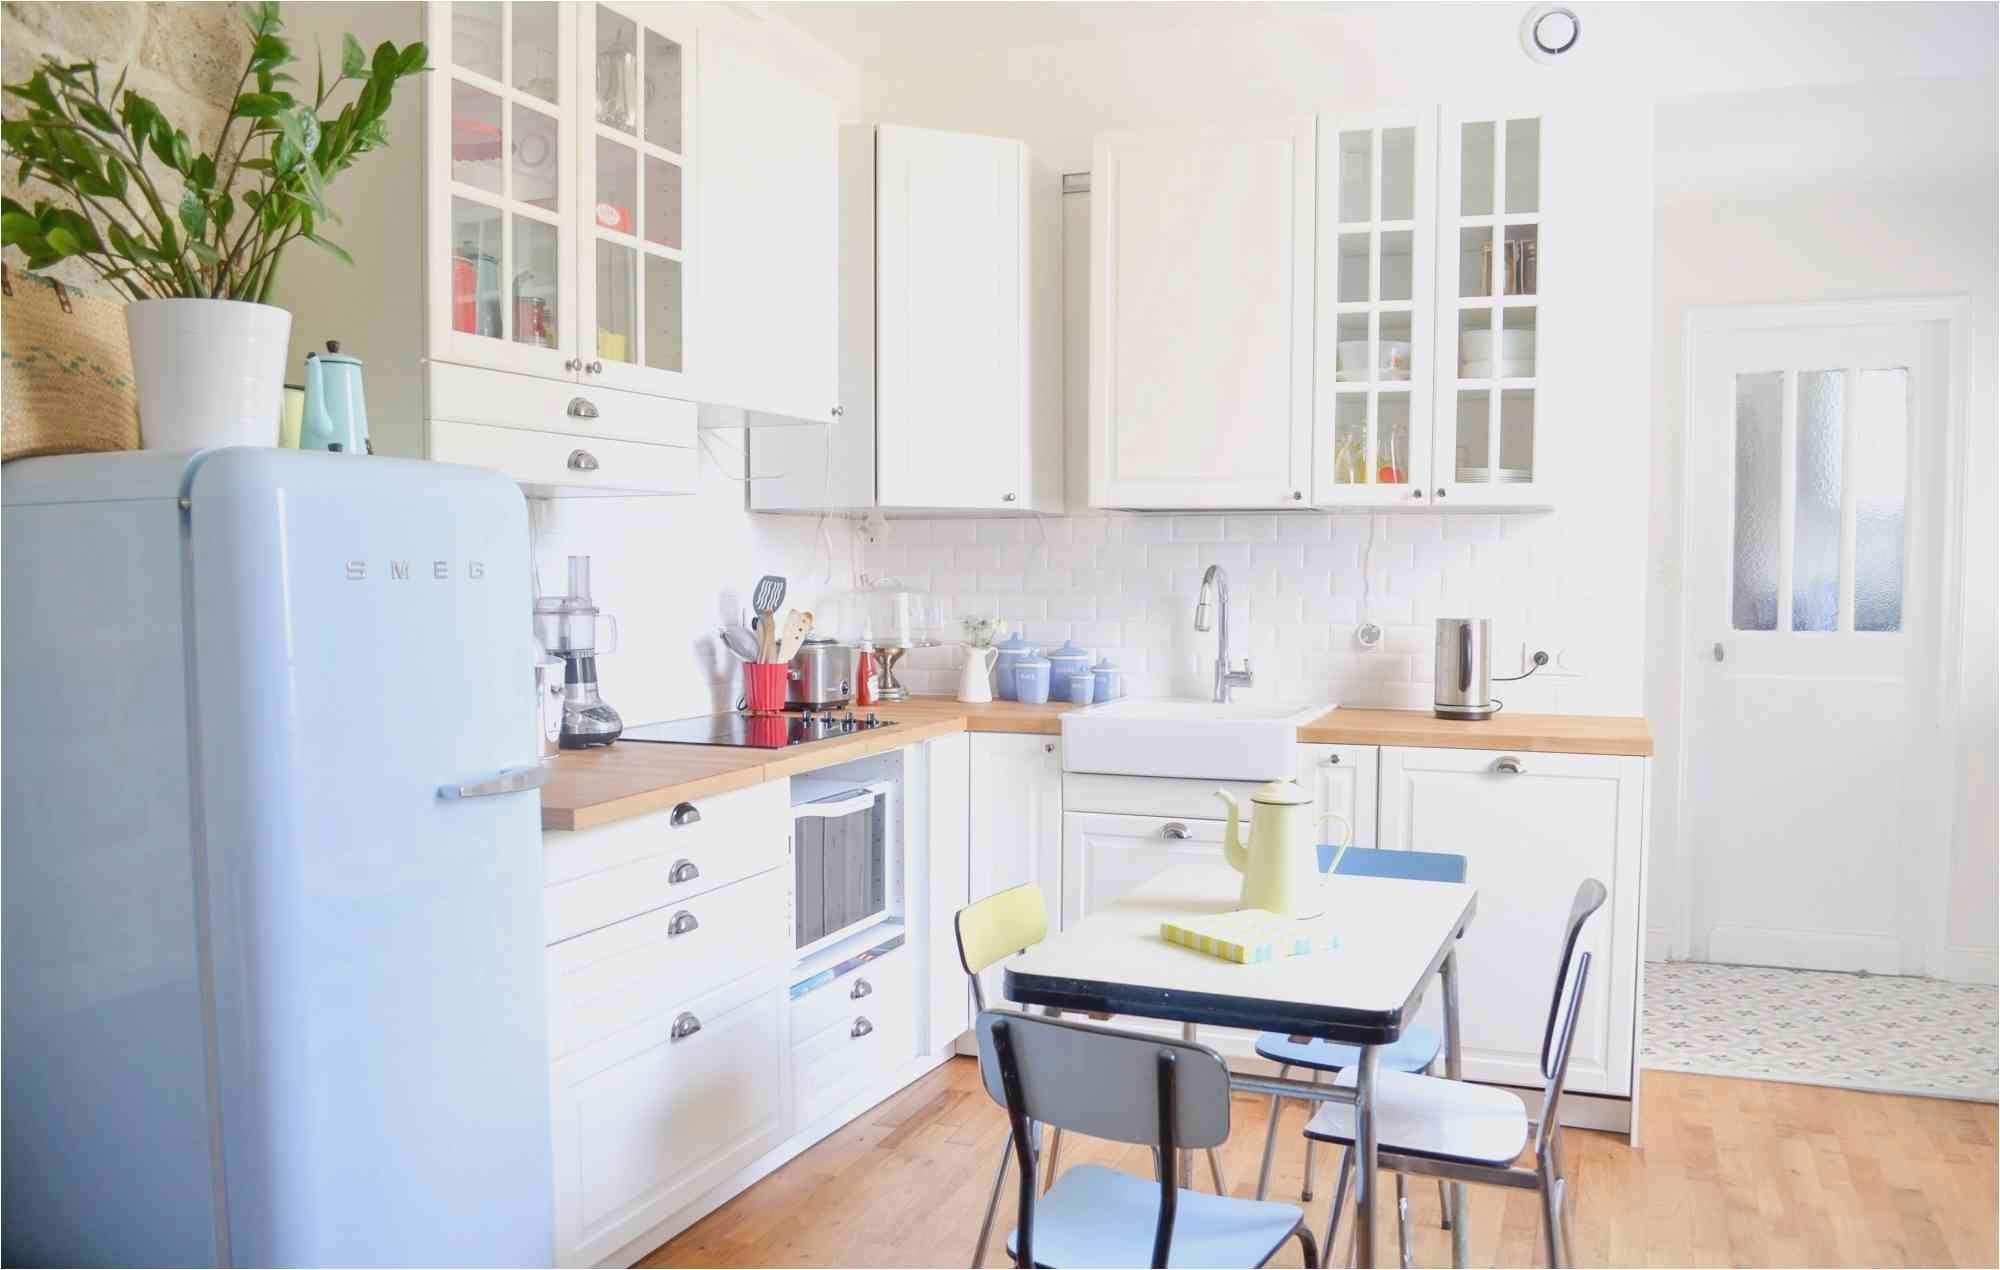 Devis En Ligne Ikea Nouveau Photos Devis Cuisine Ikea Gracieux 47 Frais De Cuisine Ikea Prix Cuisine